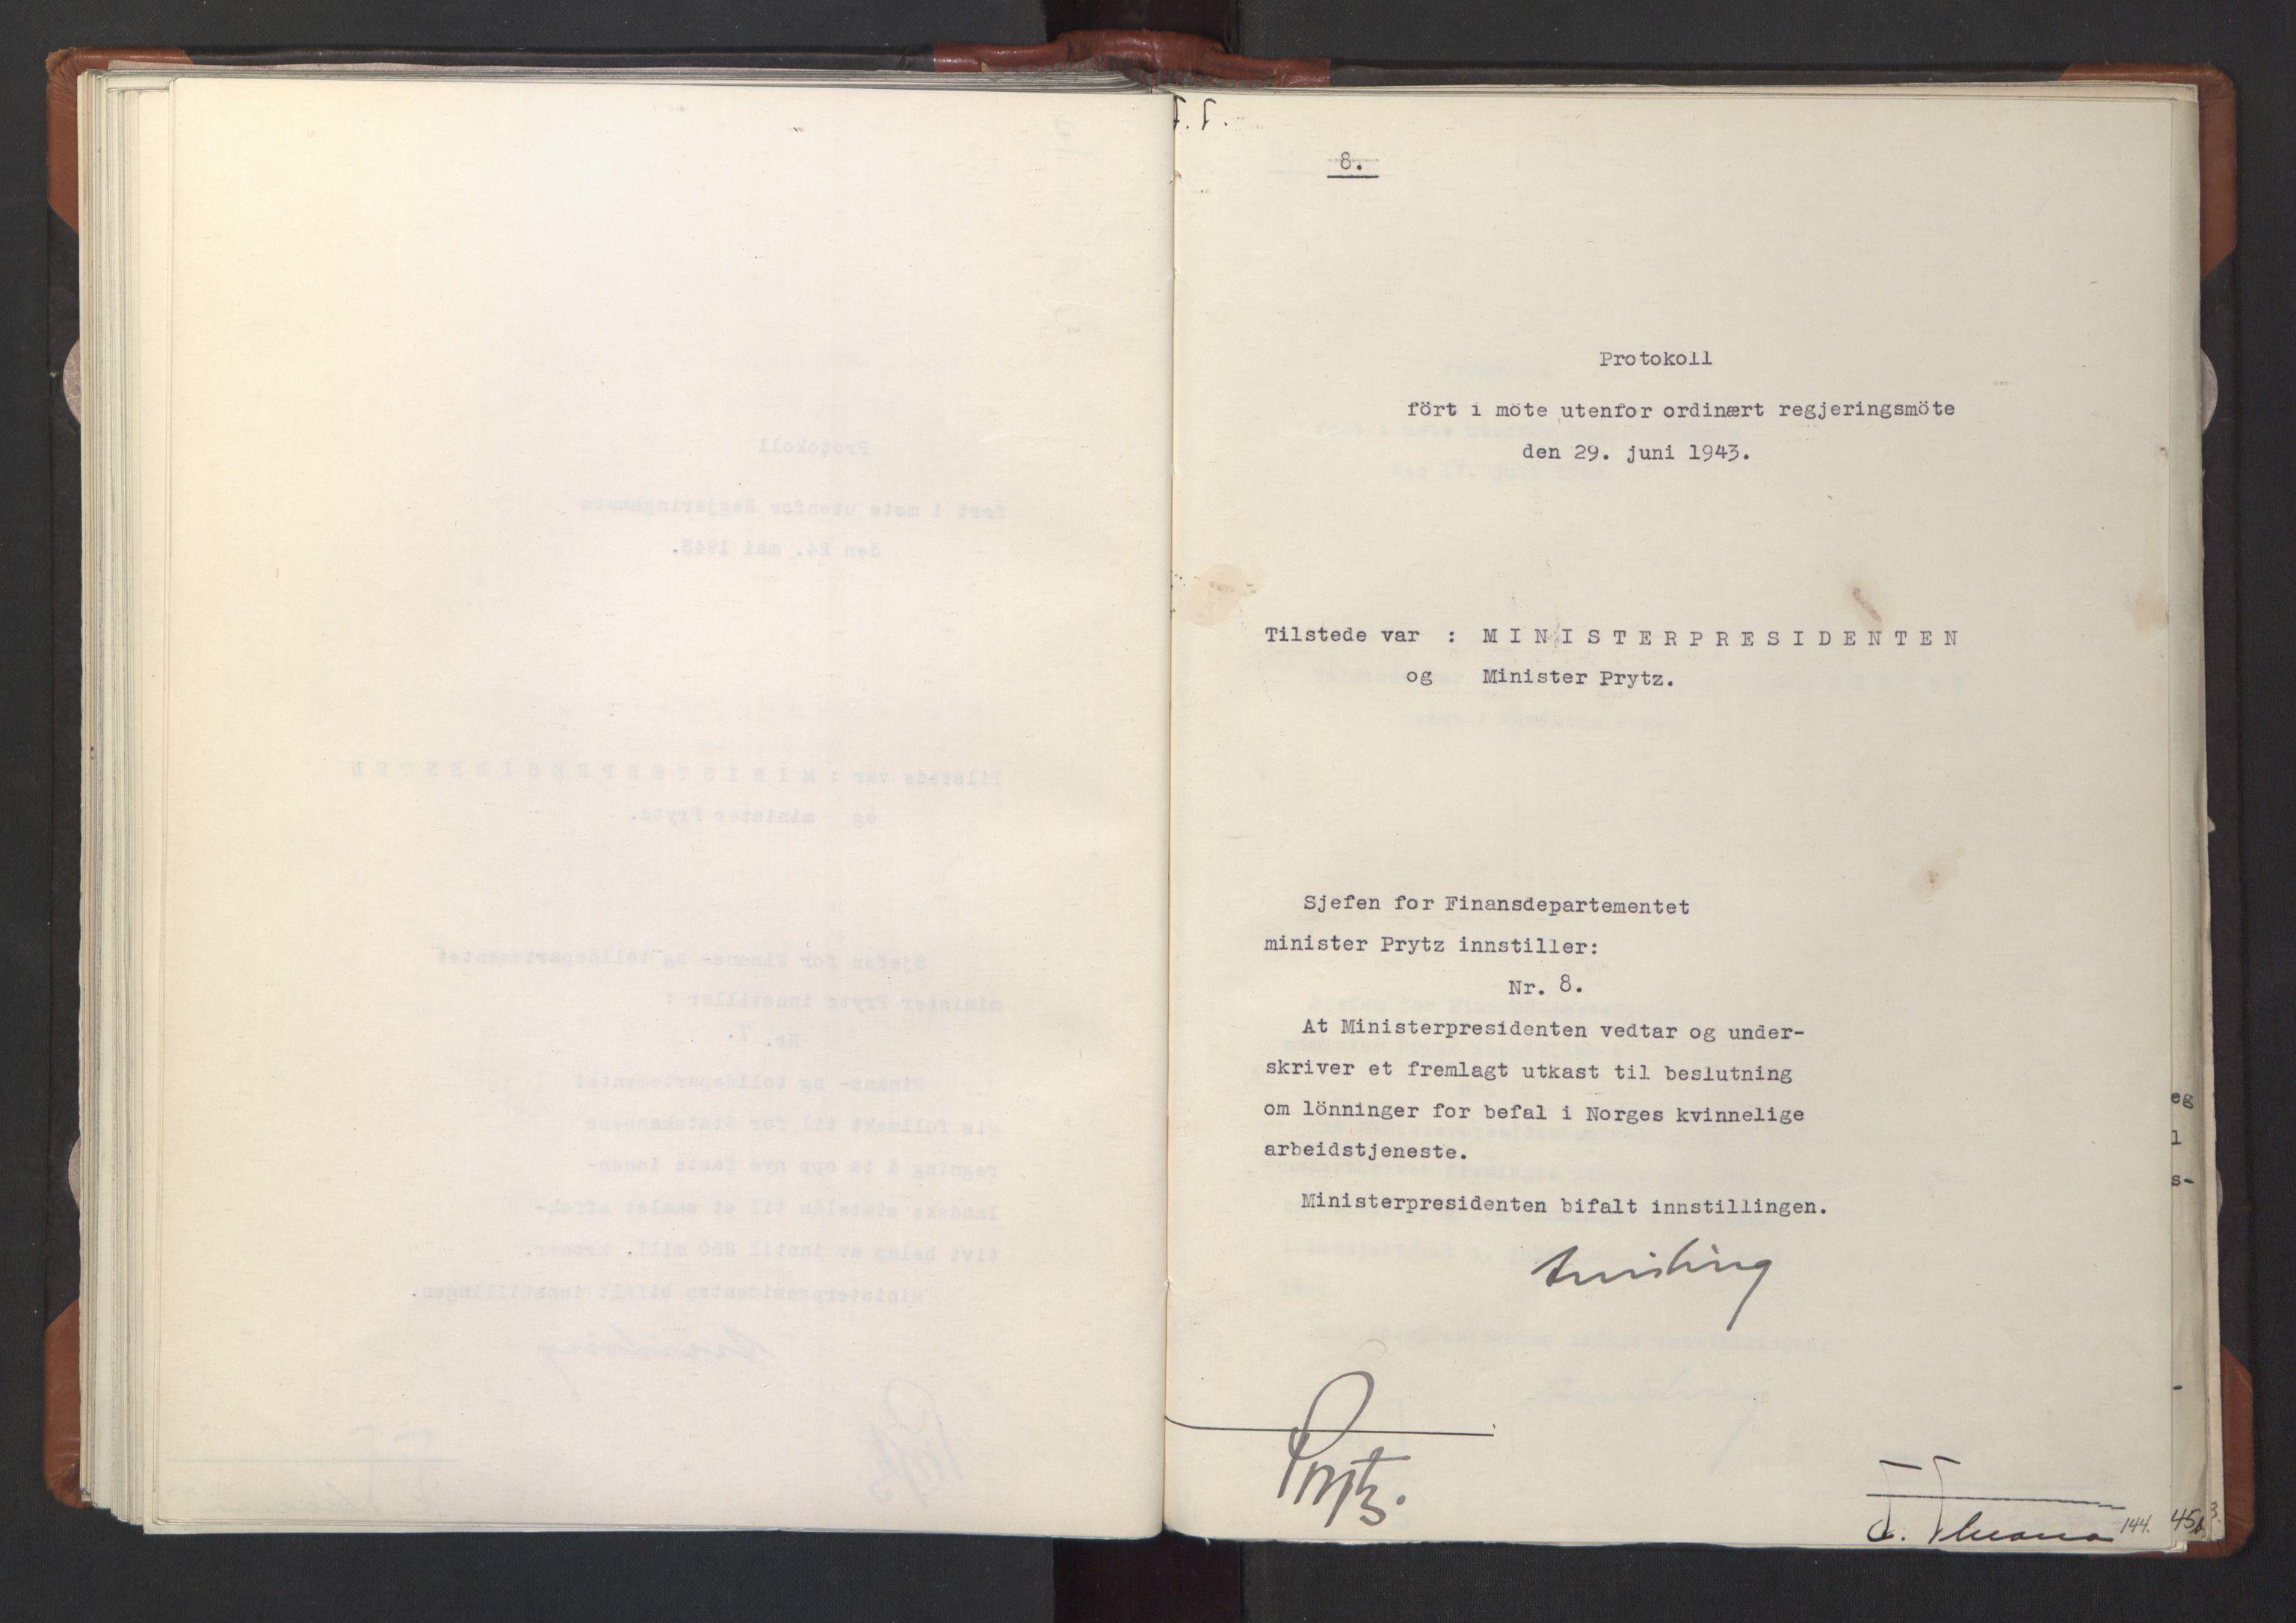 RA, NS-administrasjonen 1940-1945 (Statsrådsekretariatet, de kommisariske statsråder mm), D/Da/L0003: Vedtak (Beslutninger) nr. 1-746 og tillegg nr. 1-47 (RA. j.nr. 1394/1944, tilgangsnr. 8/1944, 1943, s. 143b-144a